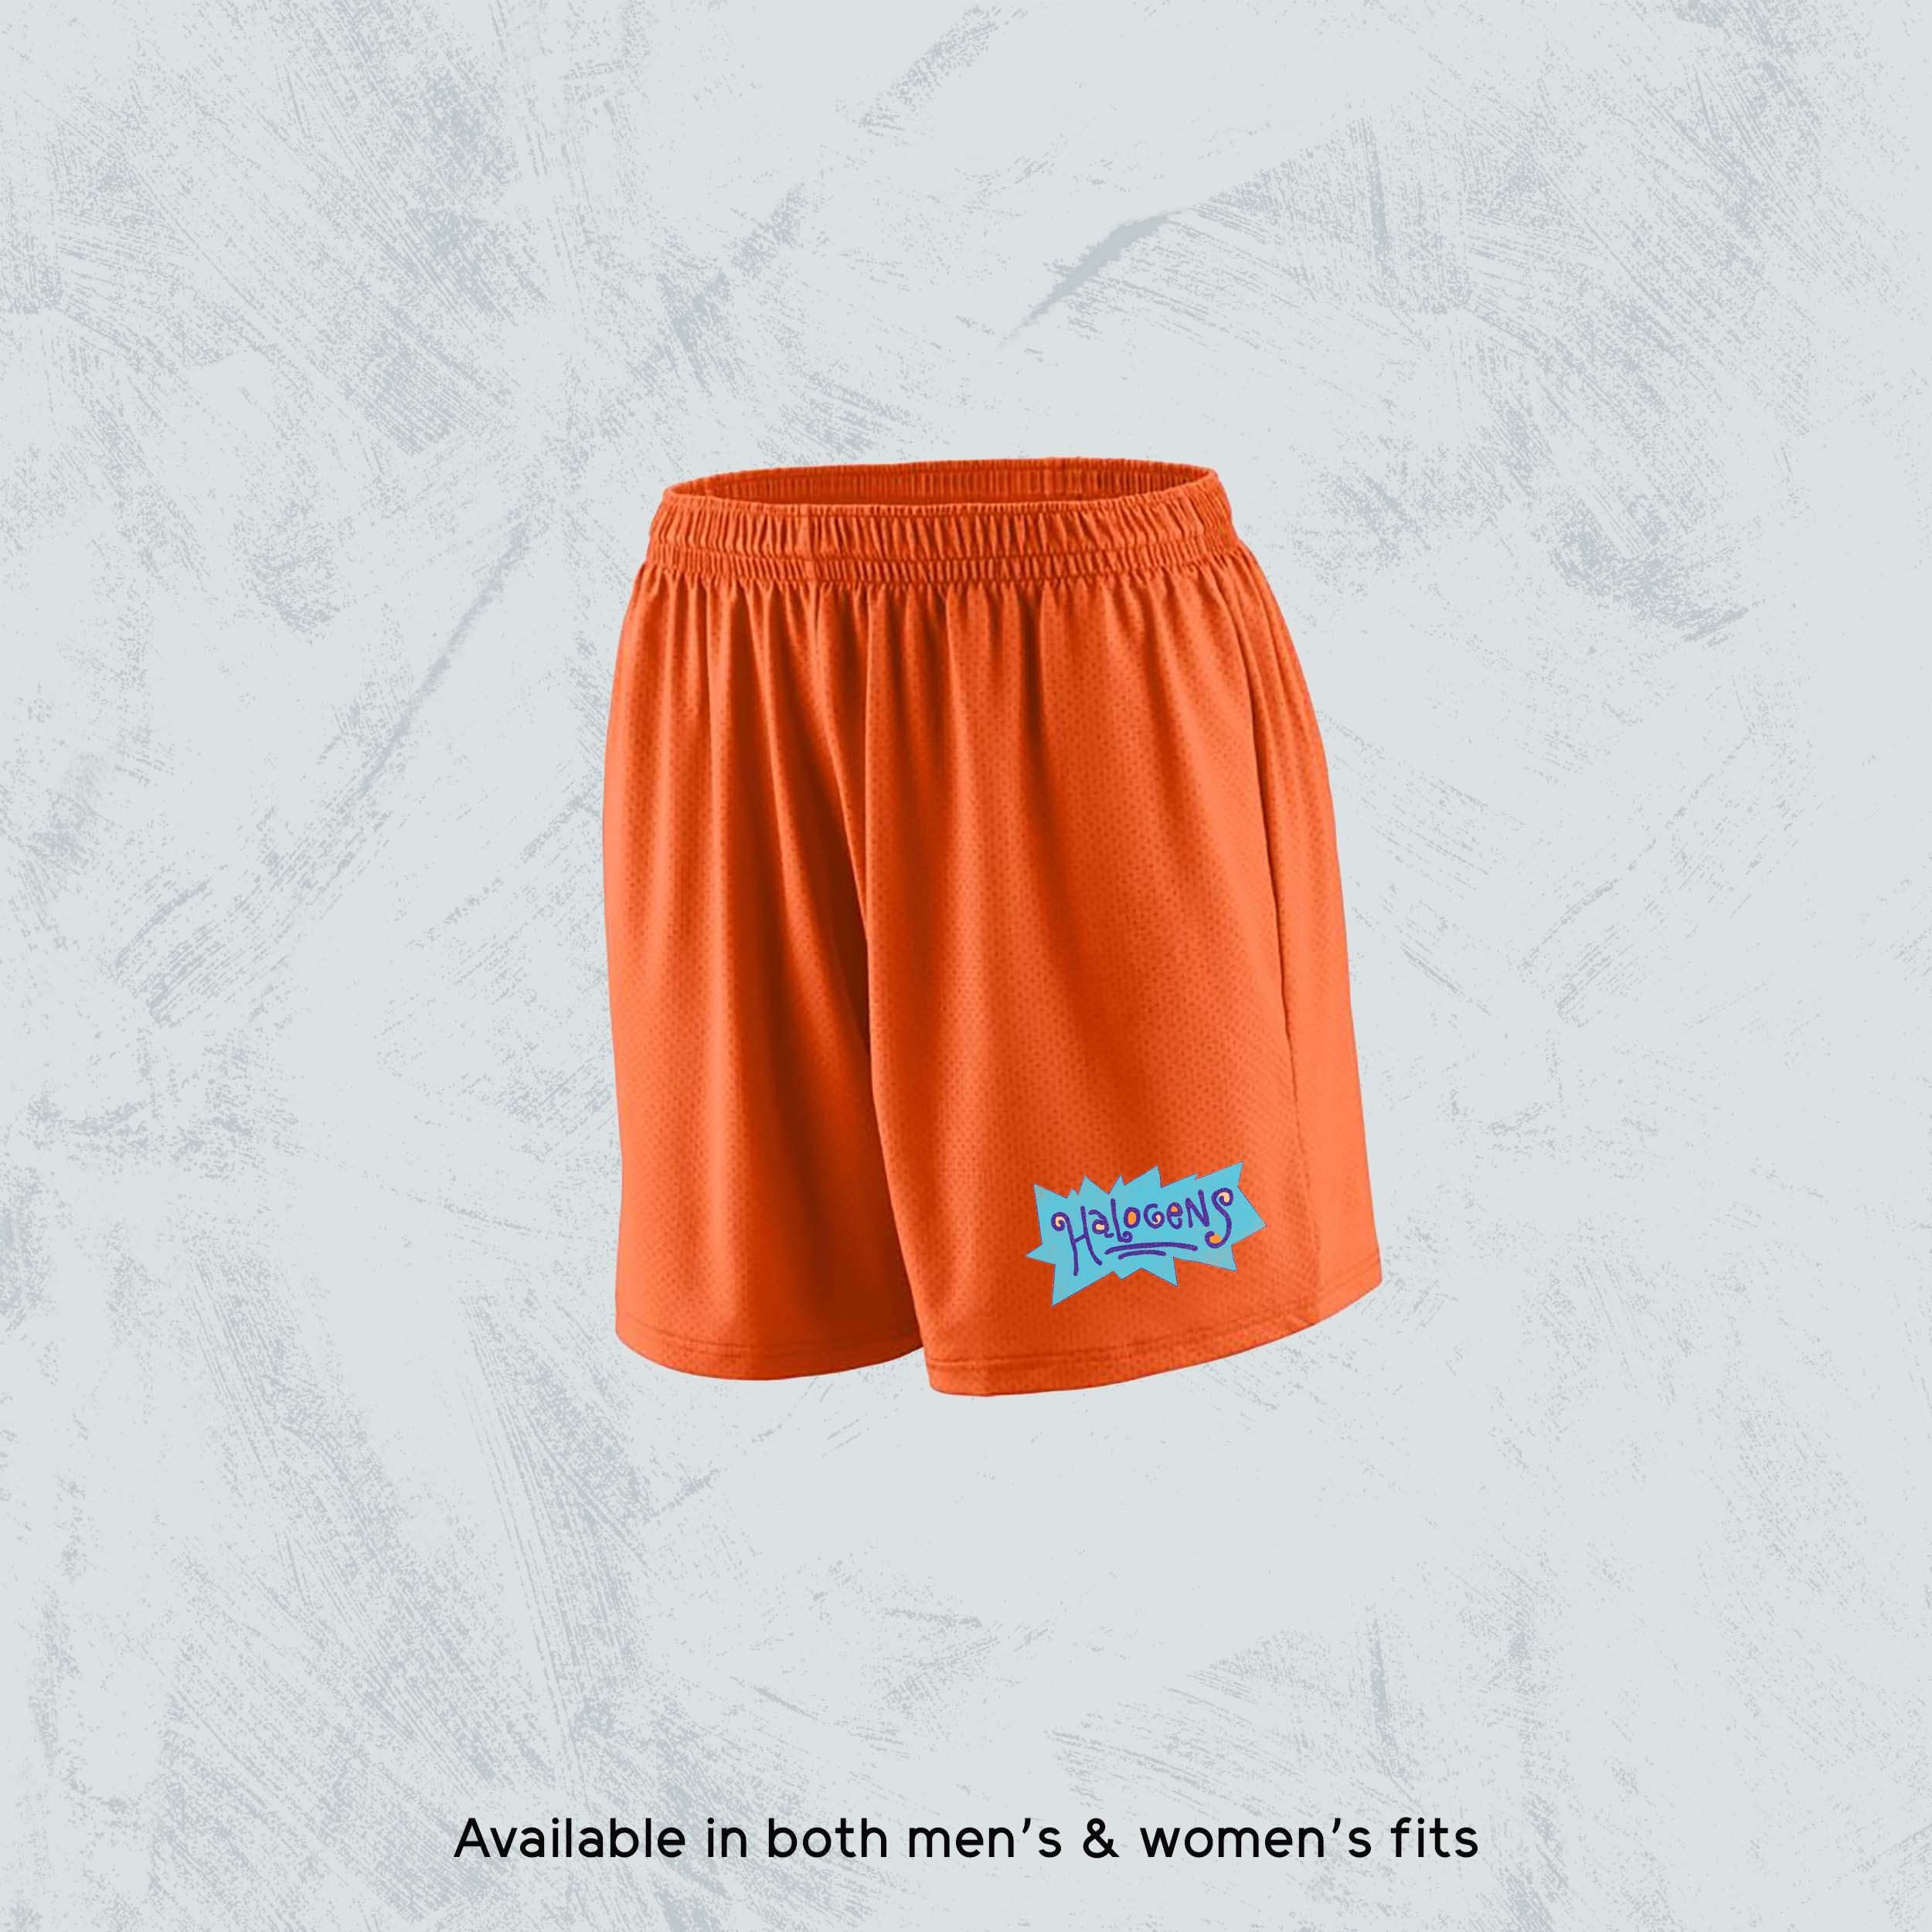 Halogens - Rugr*ts Shorts